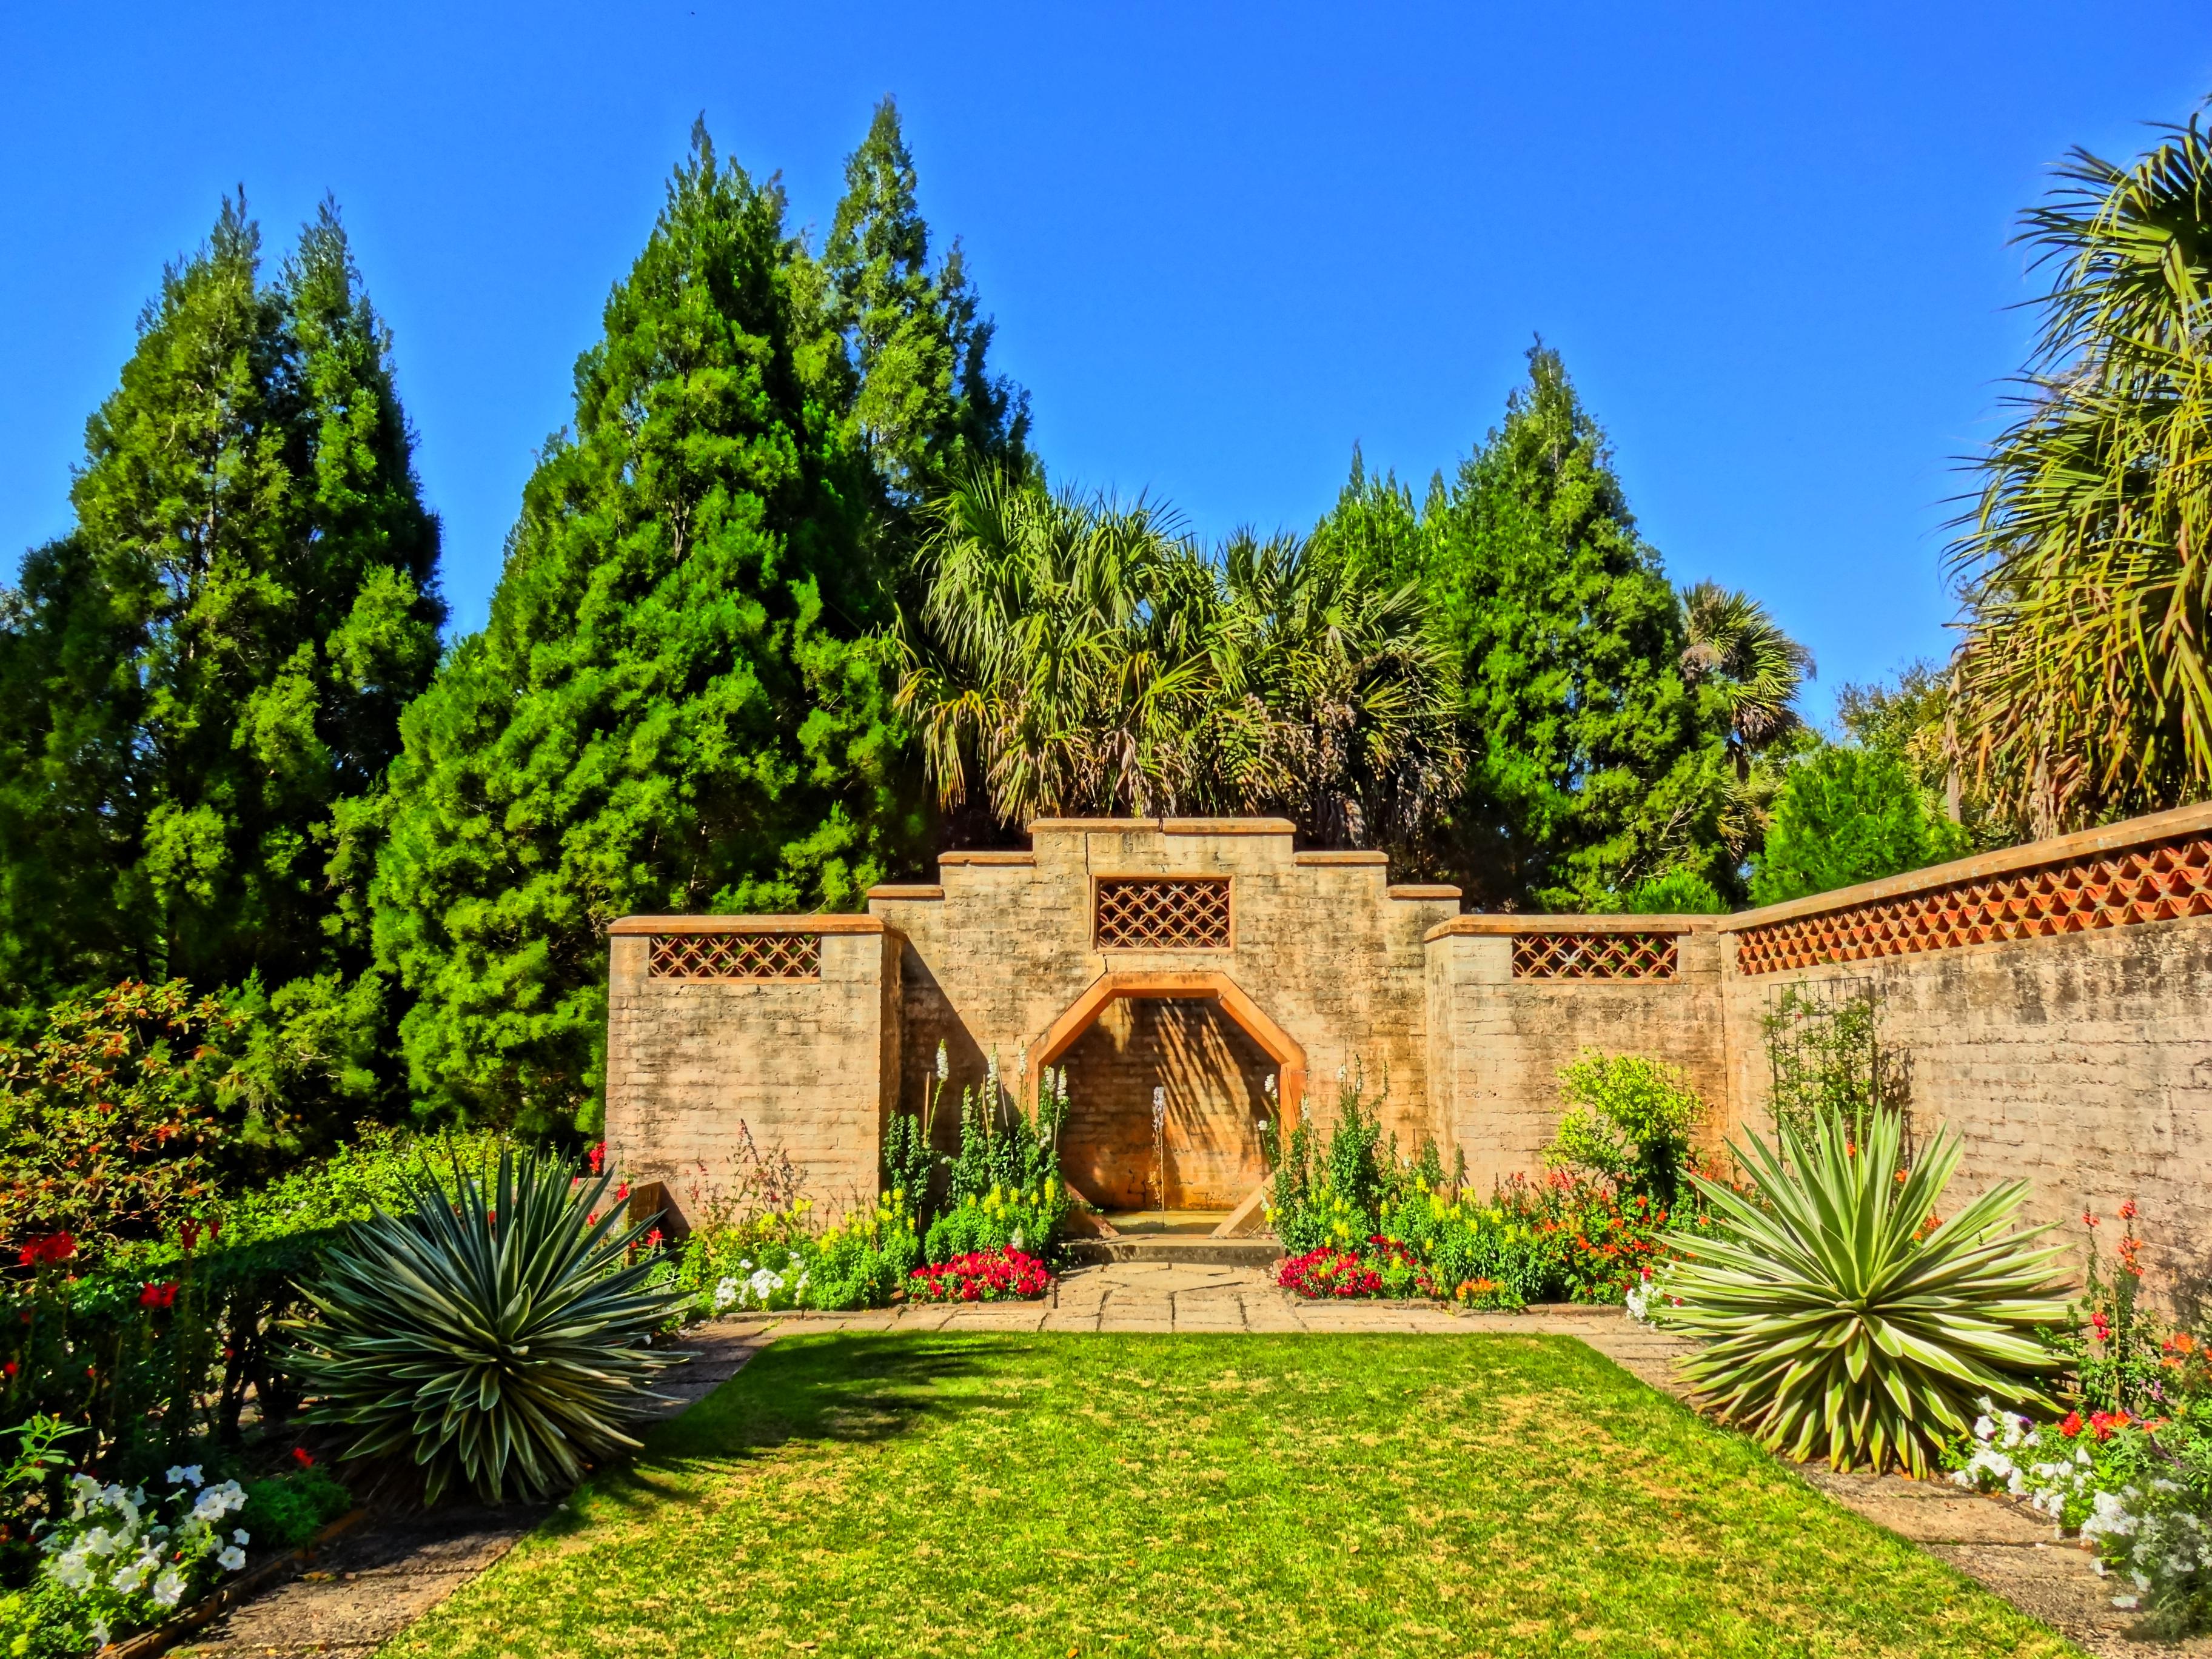 Bok Tower Gardens Historic Landmark Tour